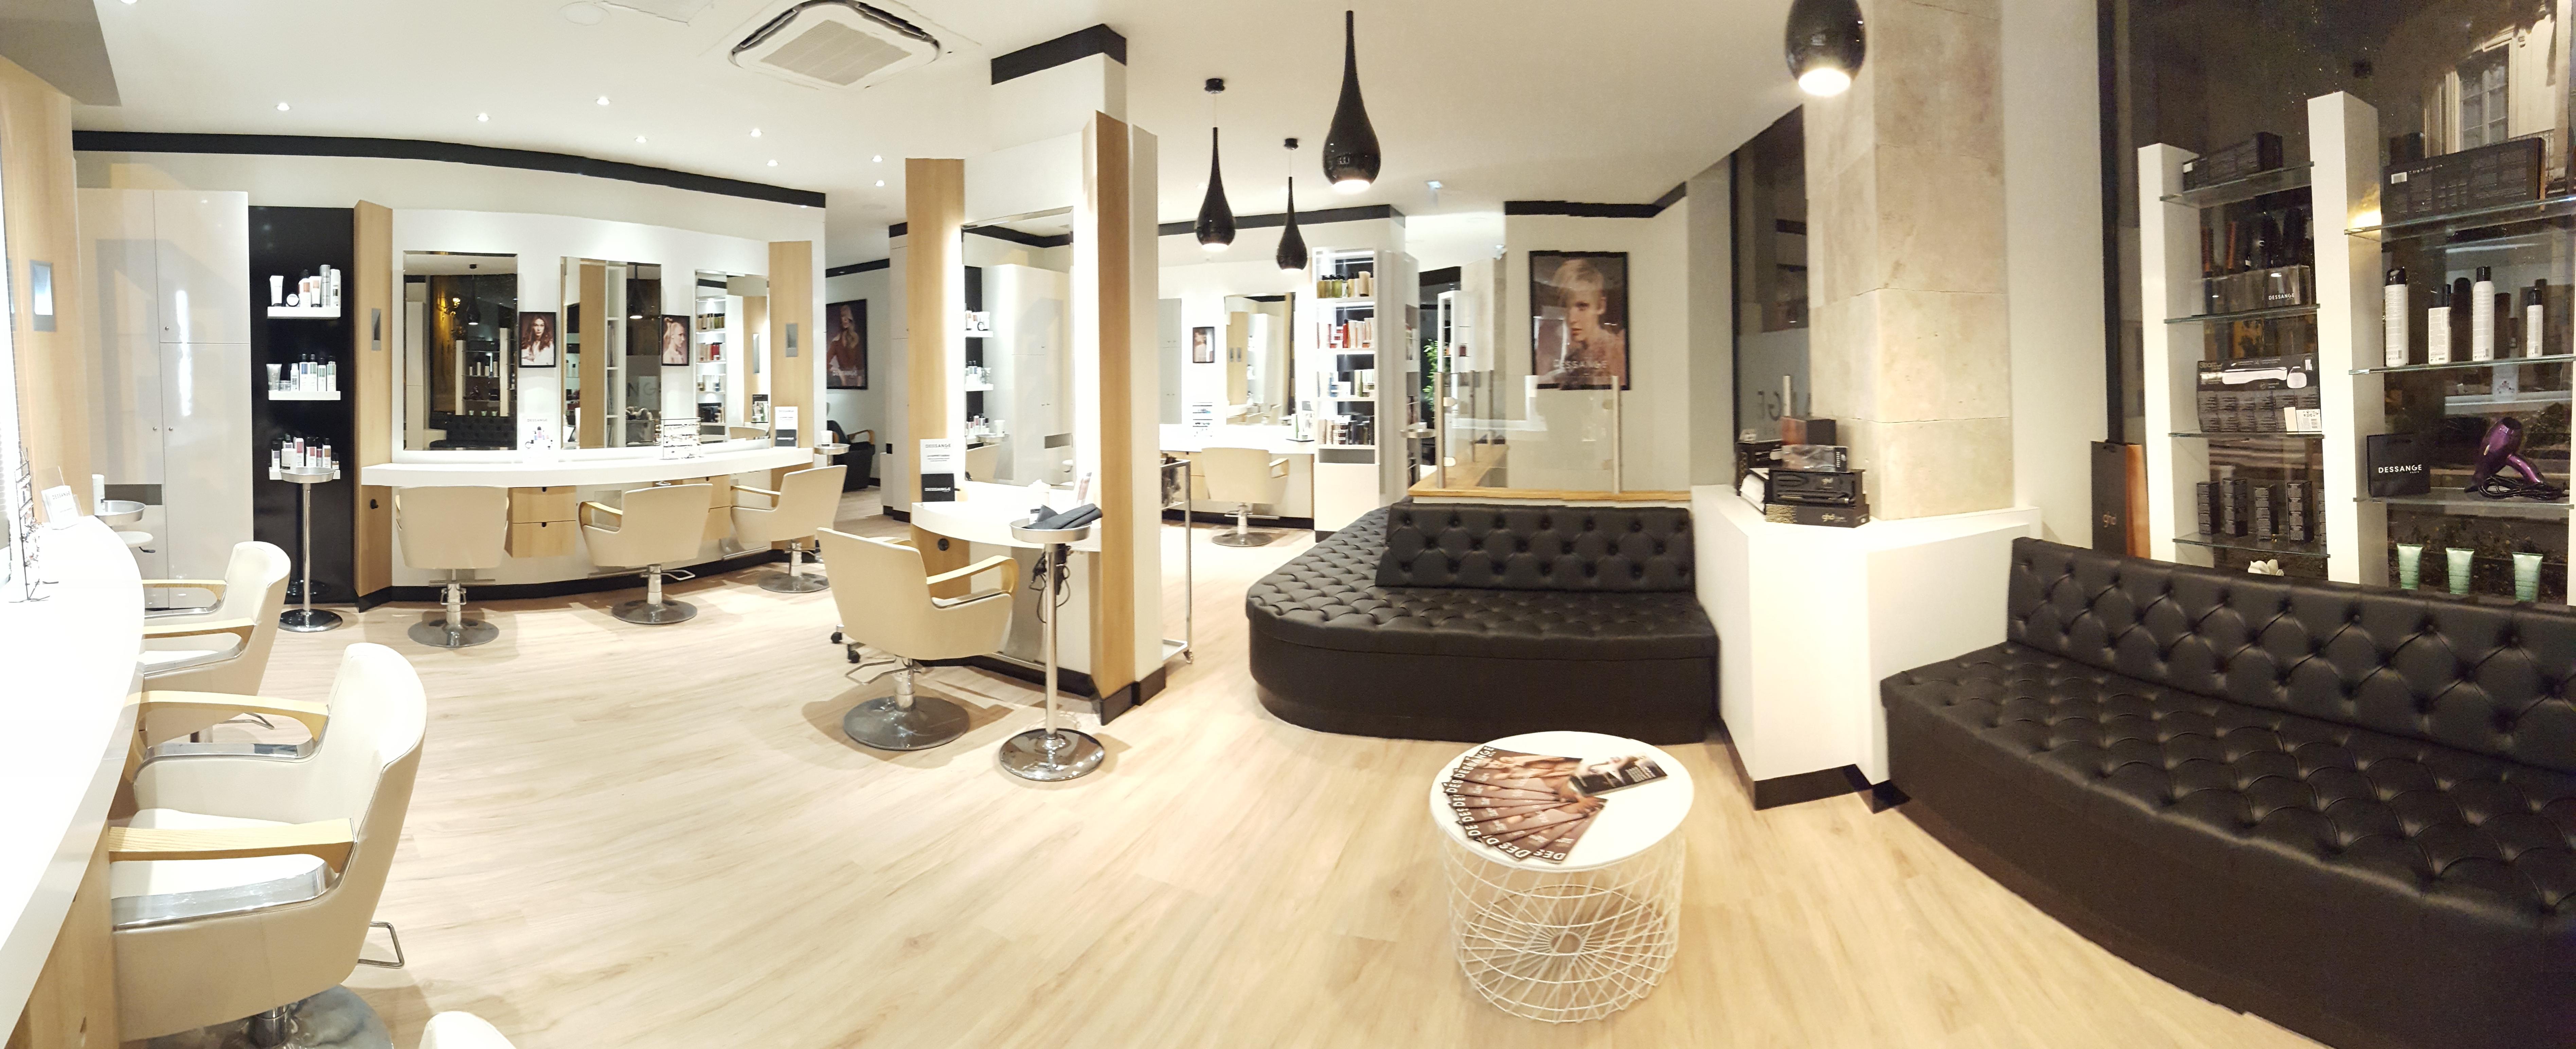 Salon de coiffure montpellier dessange for Salon ce montpellier